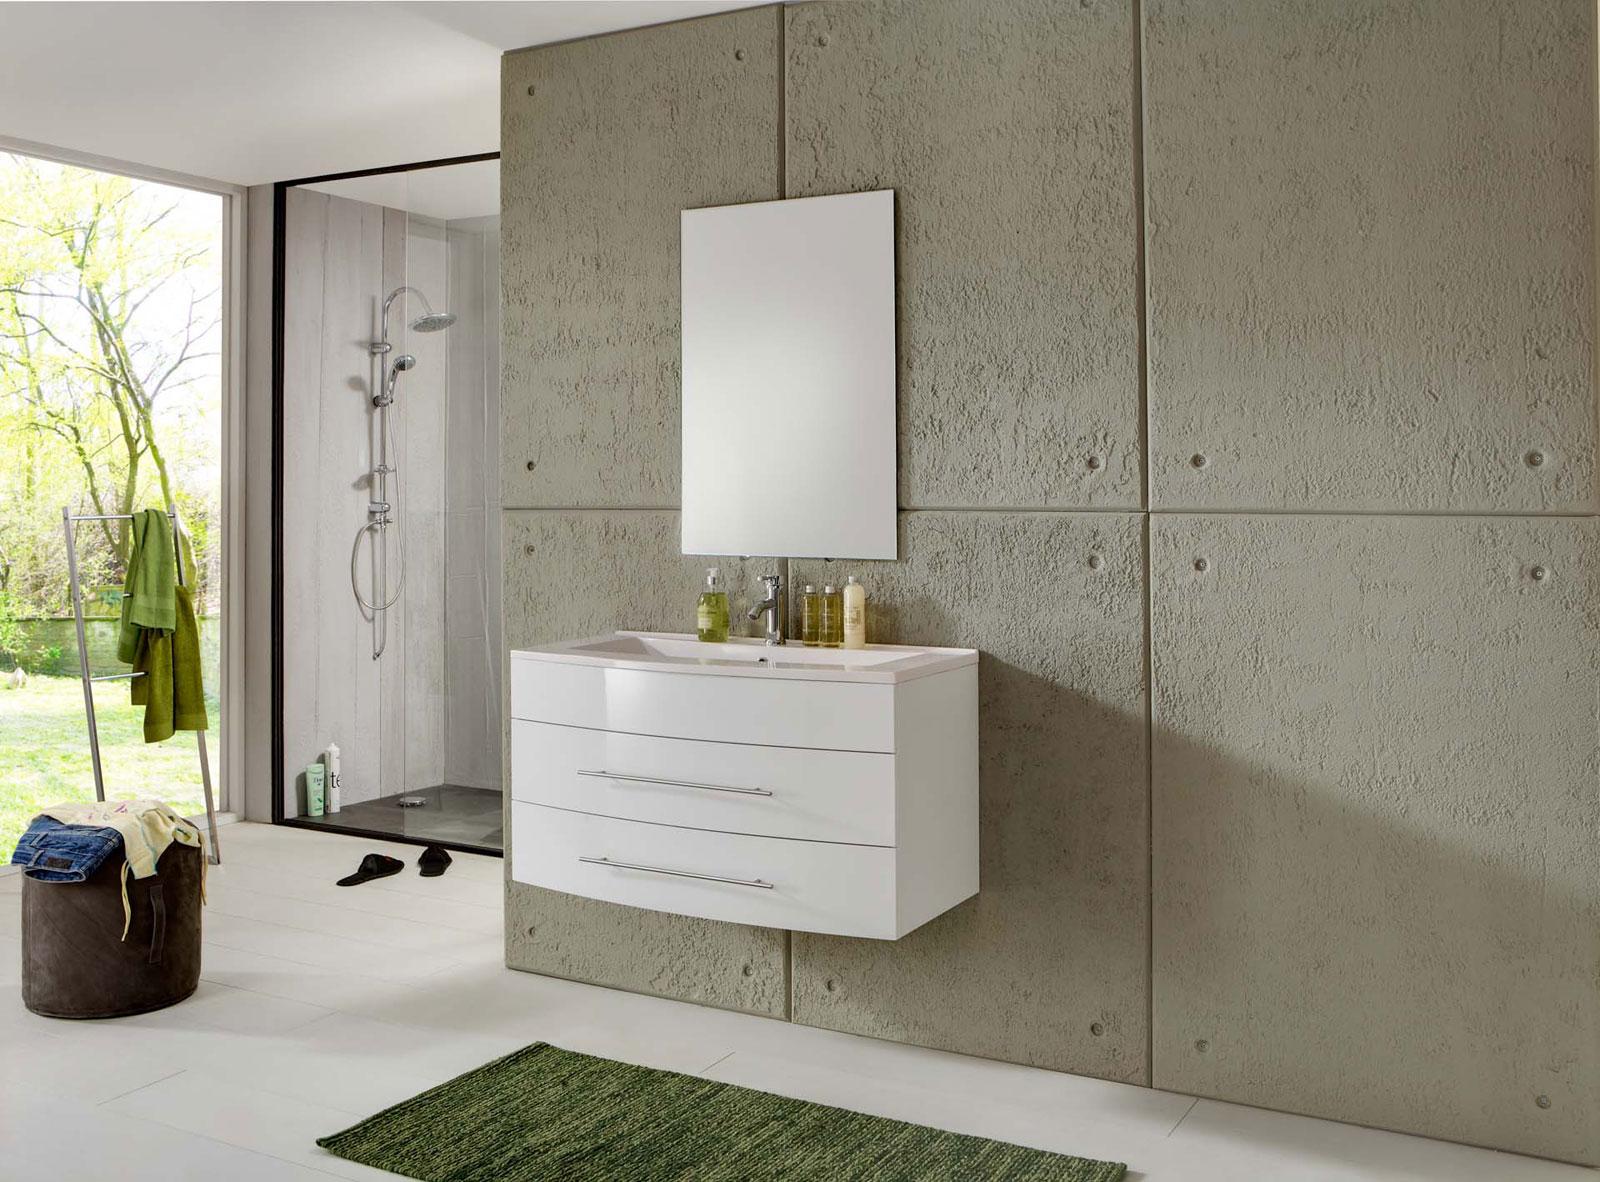 sam 2tlg badm bel set wei 100 cm beckenauswahl basel light. Black Bedroom Furniture Sets. Home Design Ideas